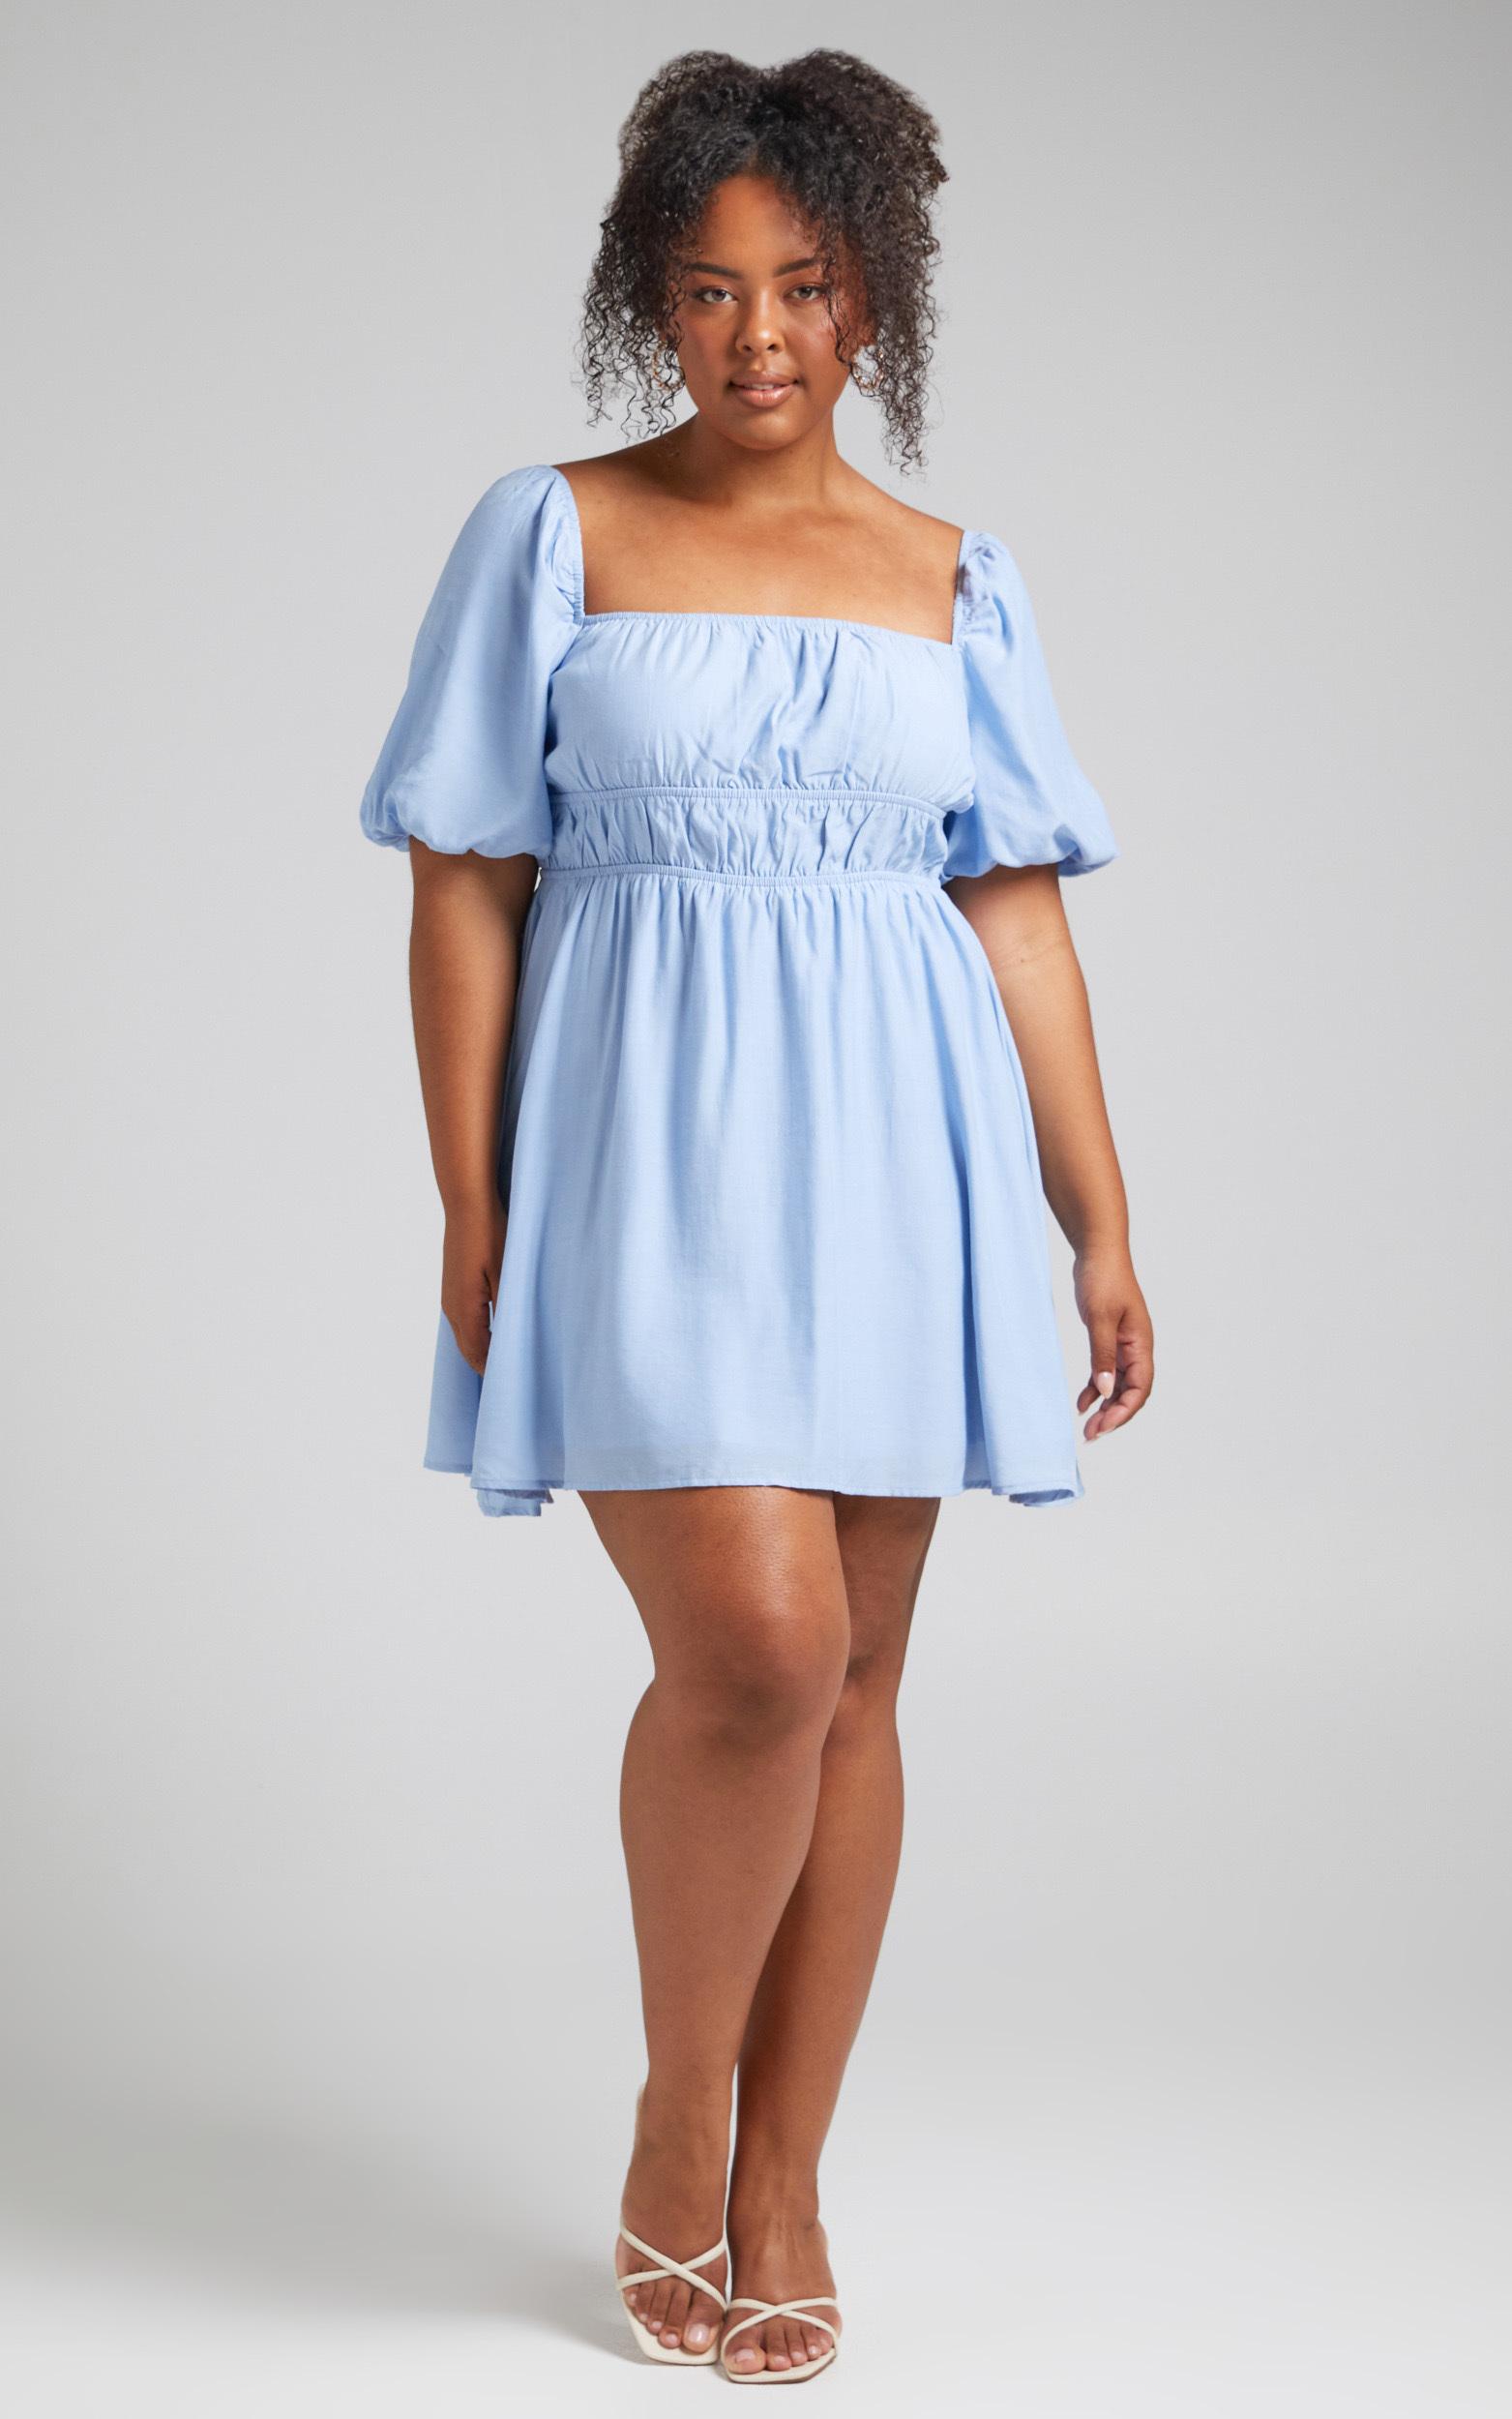 Maretta Stretch Waist Square Neck Mini Dress in Blue - 04, BLU1, hi-res image number null